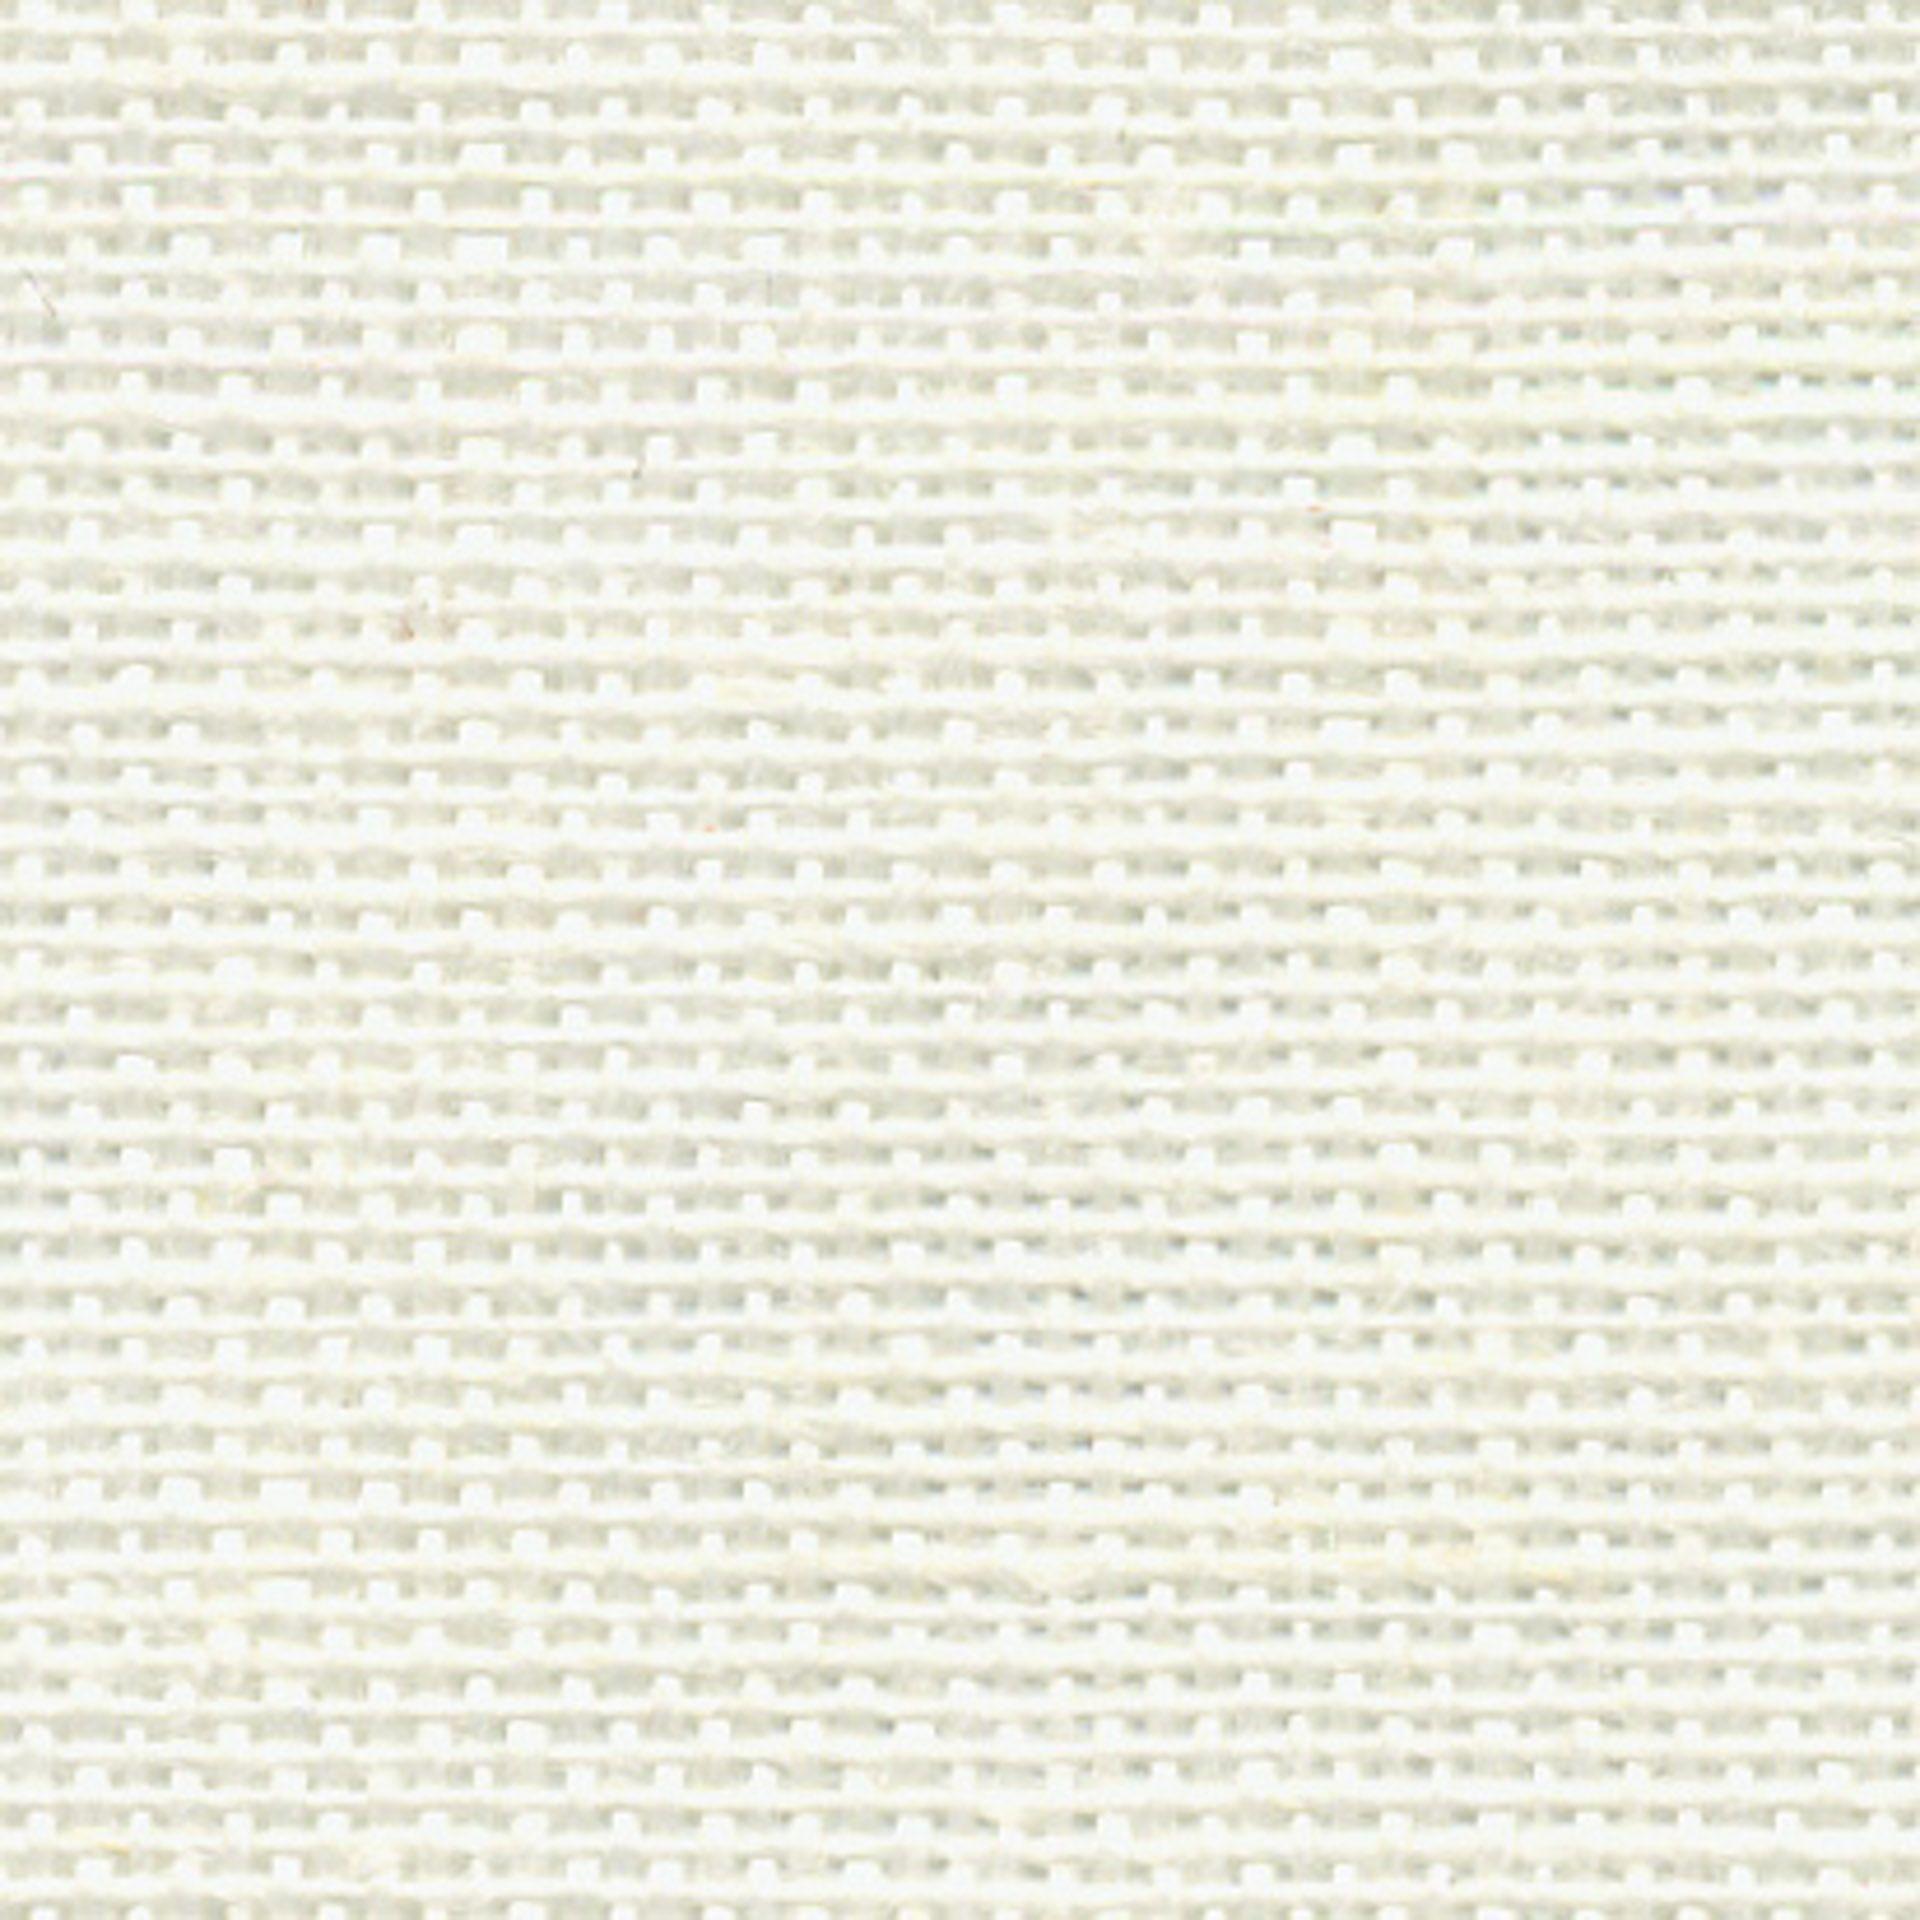 TOILE DE LIN 12 fils//cm 35 x 25 cm coloris naturel